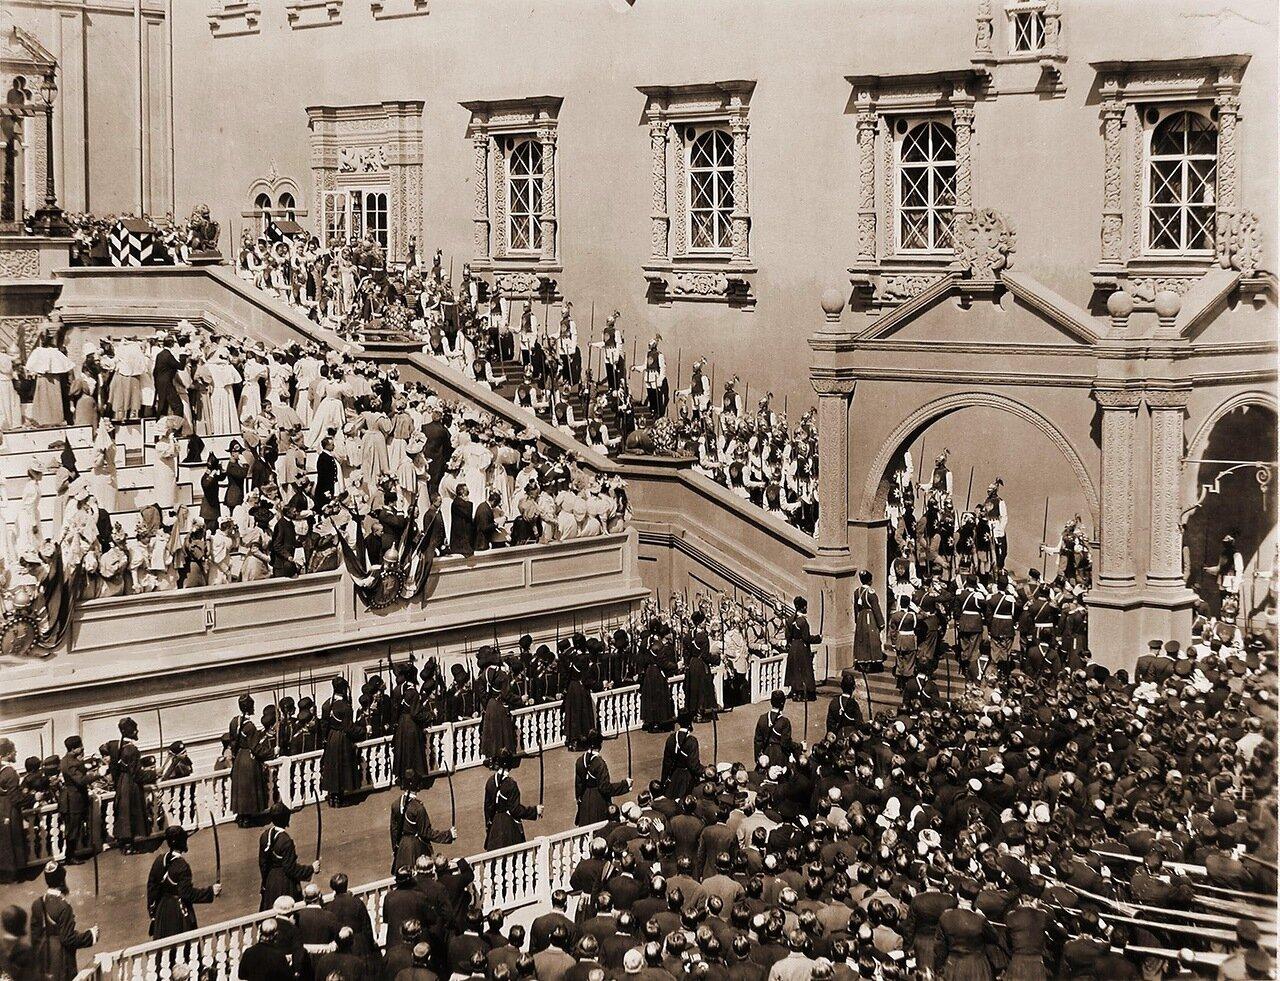 Император Николай II, императрица Александра Федоровна, члены императорской фамилии в сопровождении свиты спускаются по ступеням Красного крыльца Грановитой палаты; за императором (чуть правее) - его августейшие ассистенты: великие князья